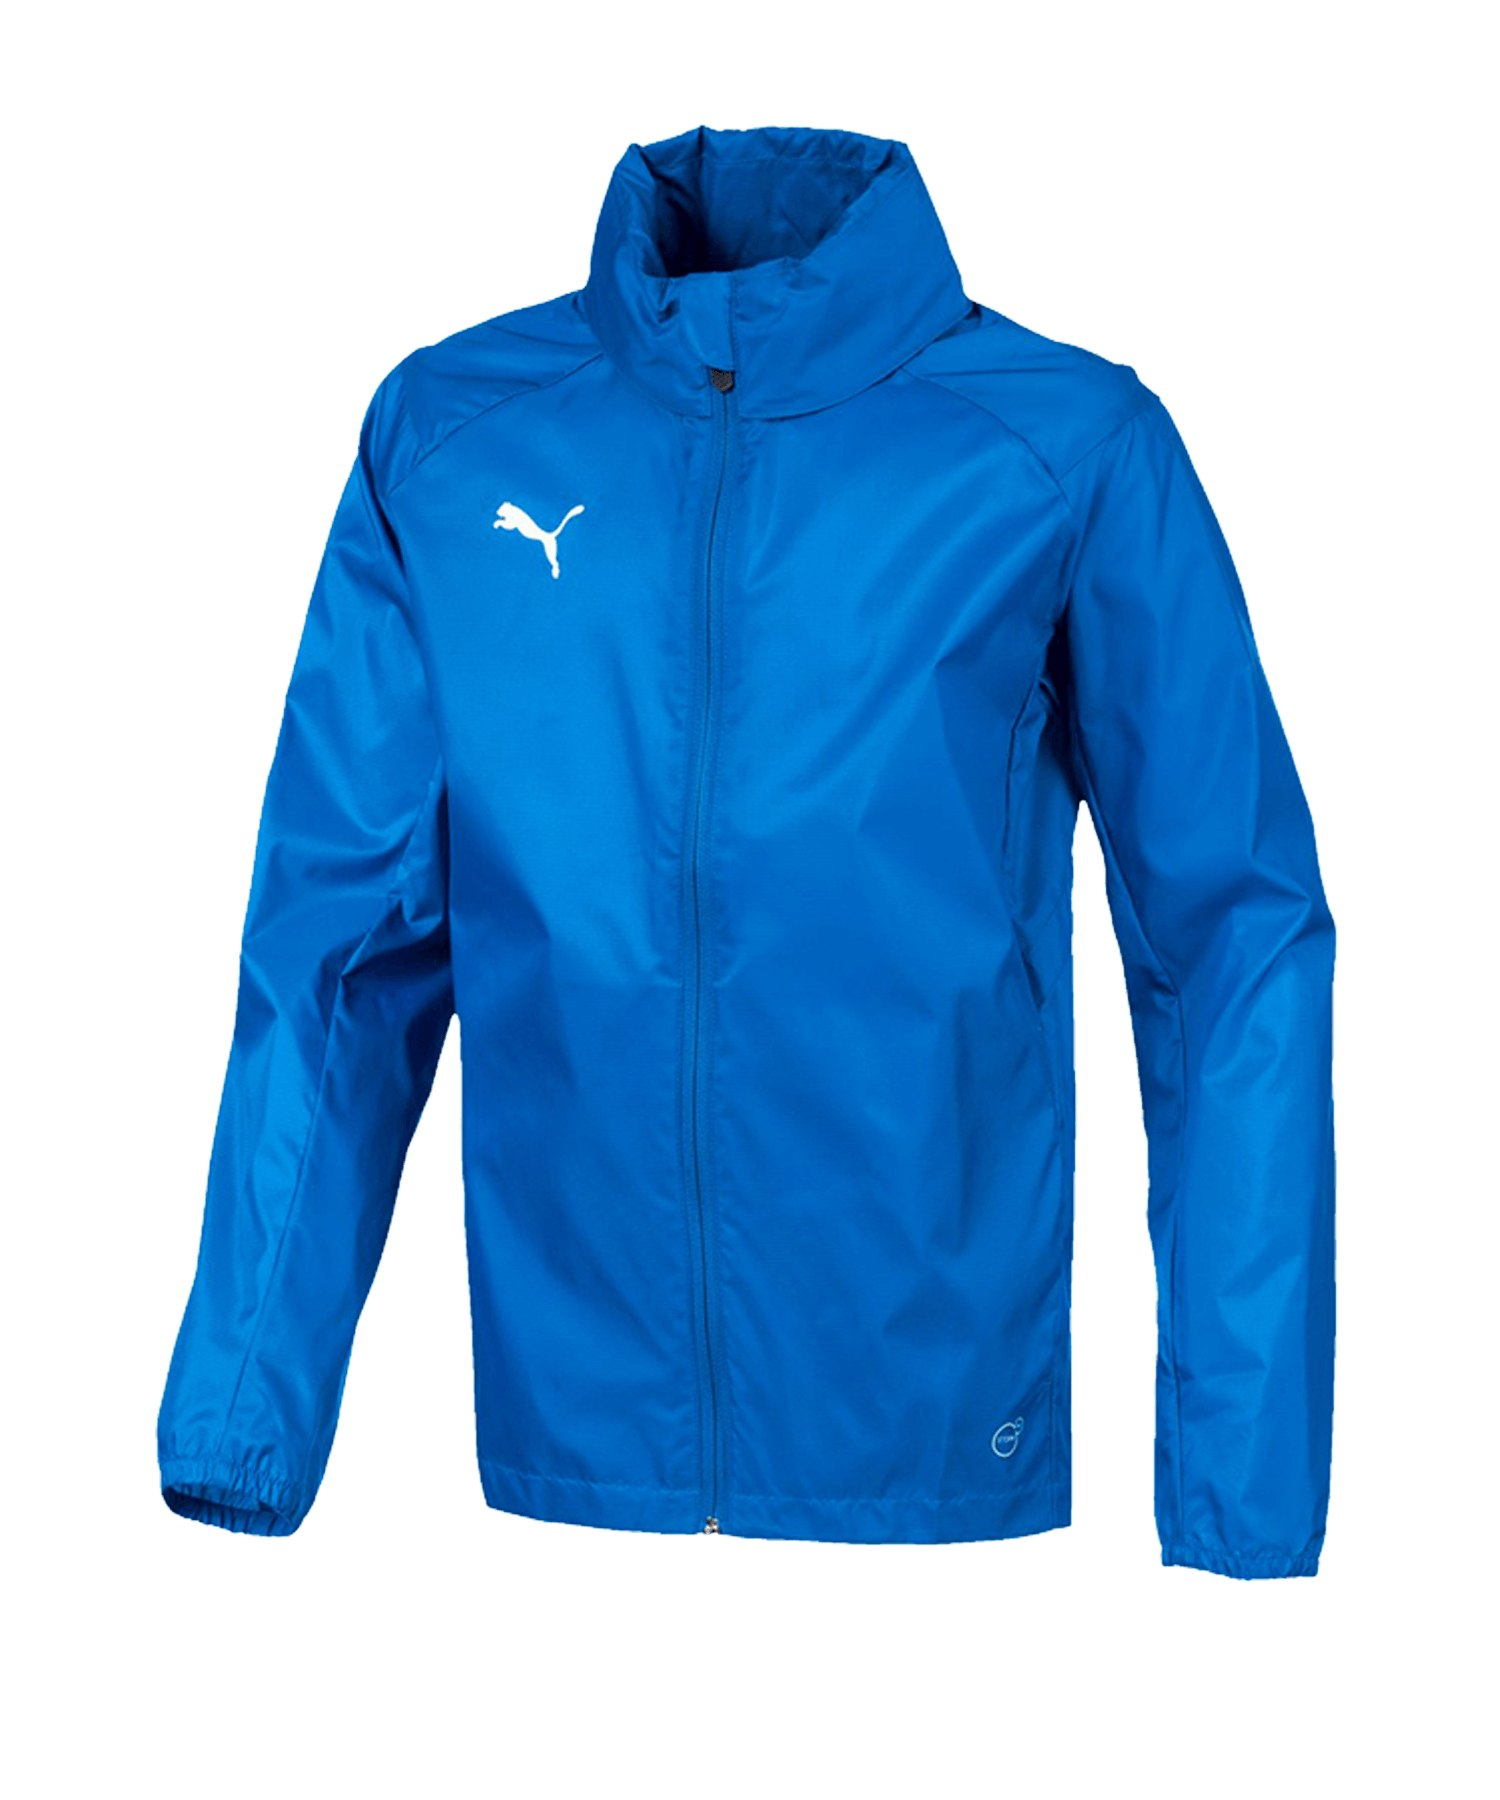 PUMA LIGA Training Rain Jacket Regenjacke Kids F02 - blau